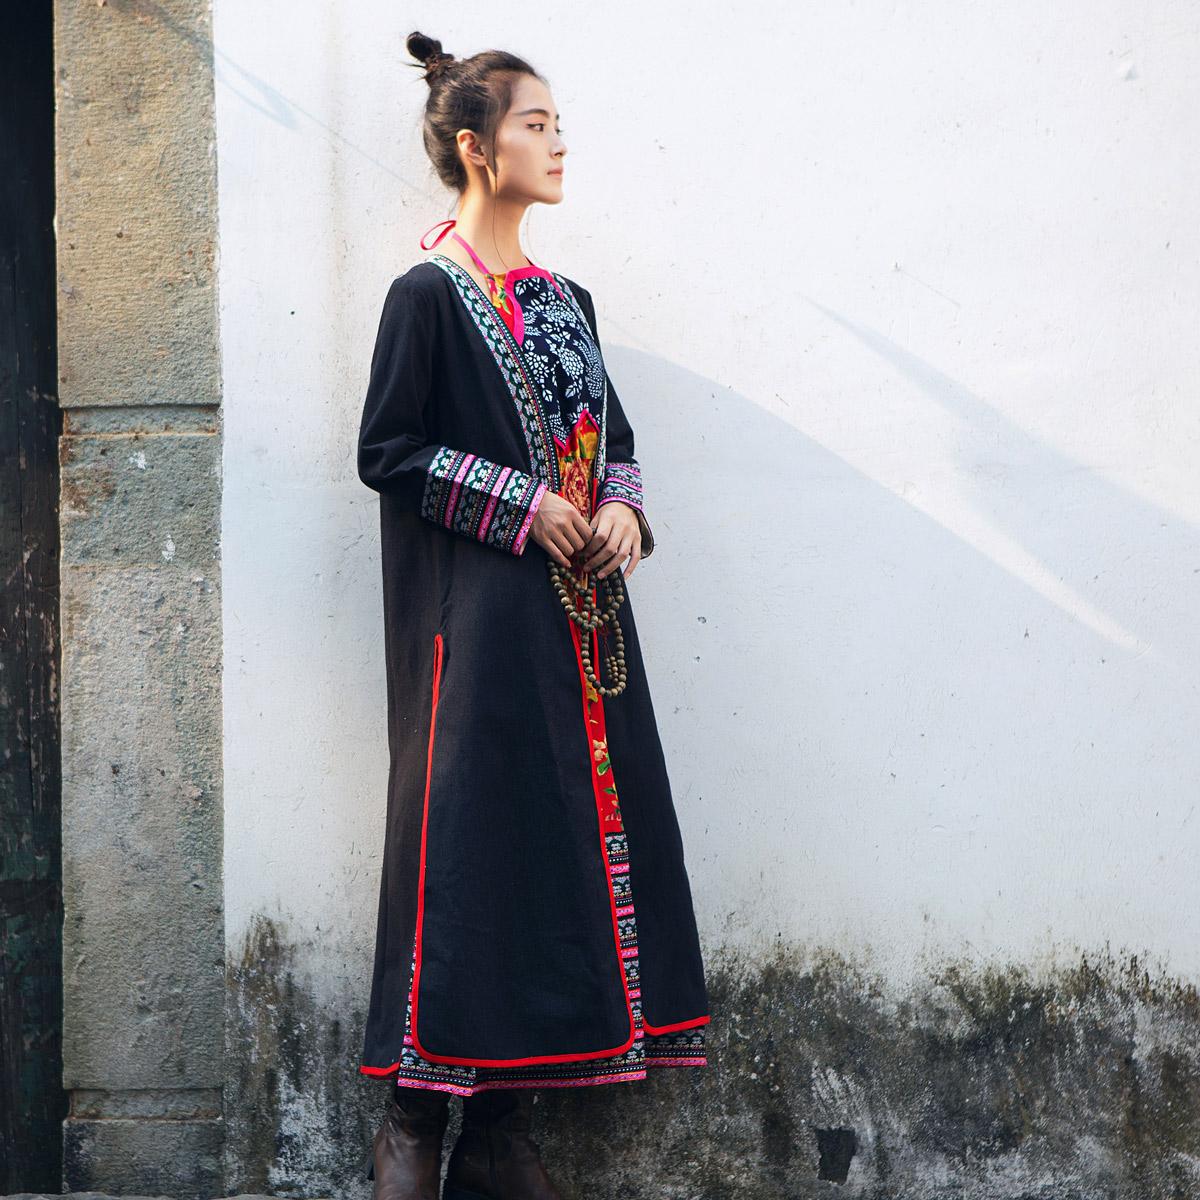 Женская одежда Даньфенсянь творчества: национальные ветер кружевной отделкой фартук Холтер Макси платье/платье кардиган куртка/пальто